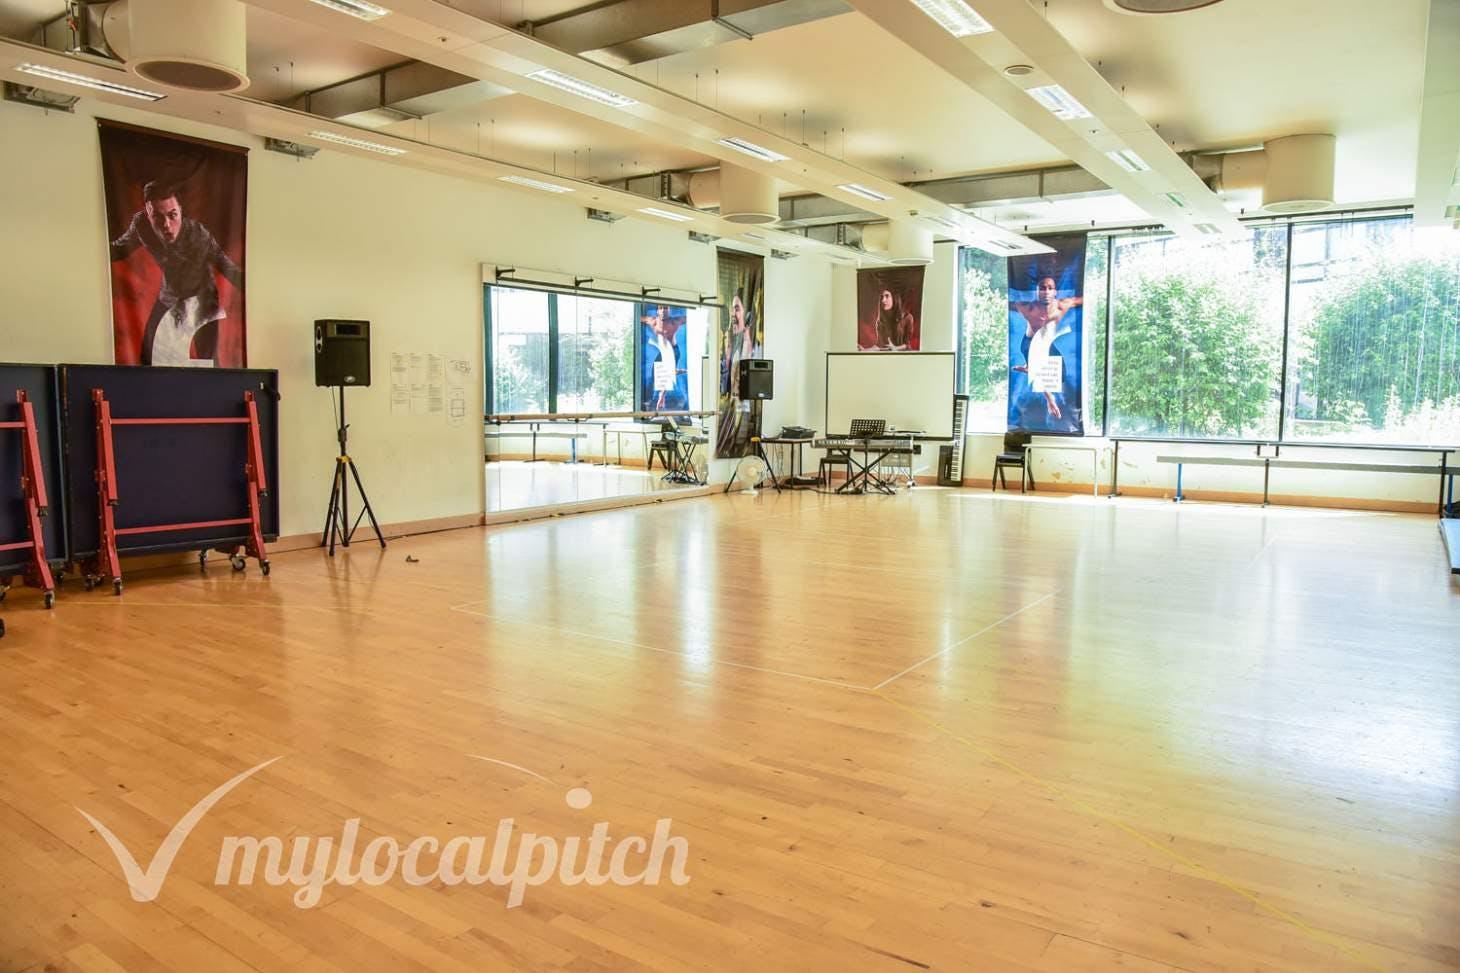 BACA Sports Centre Studio | Dance studio space hire